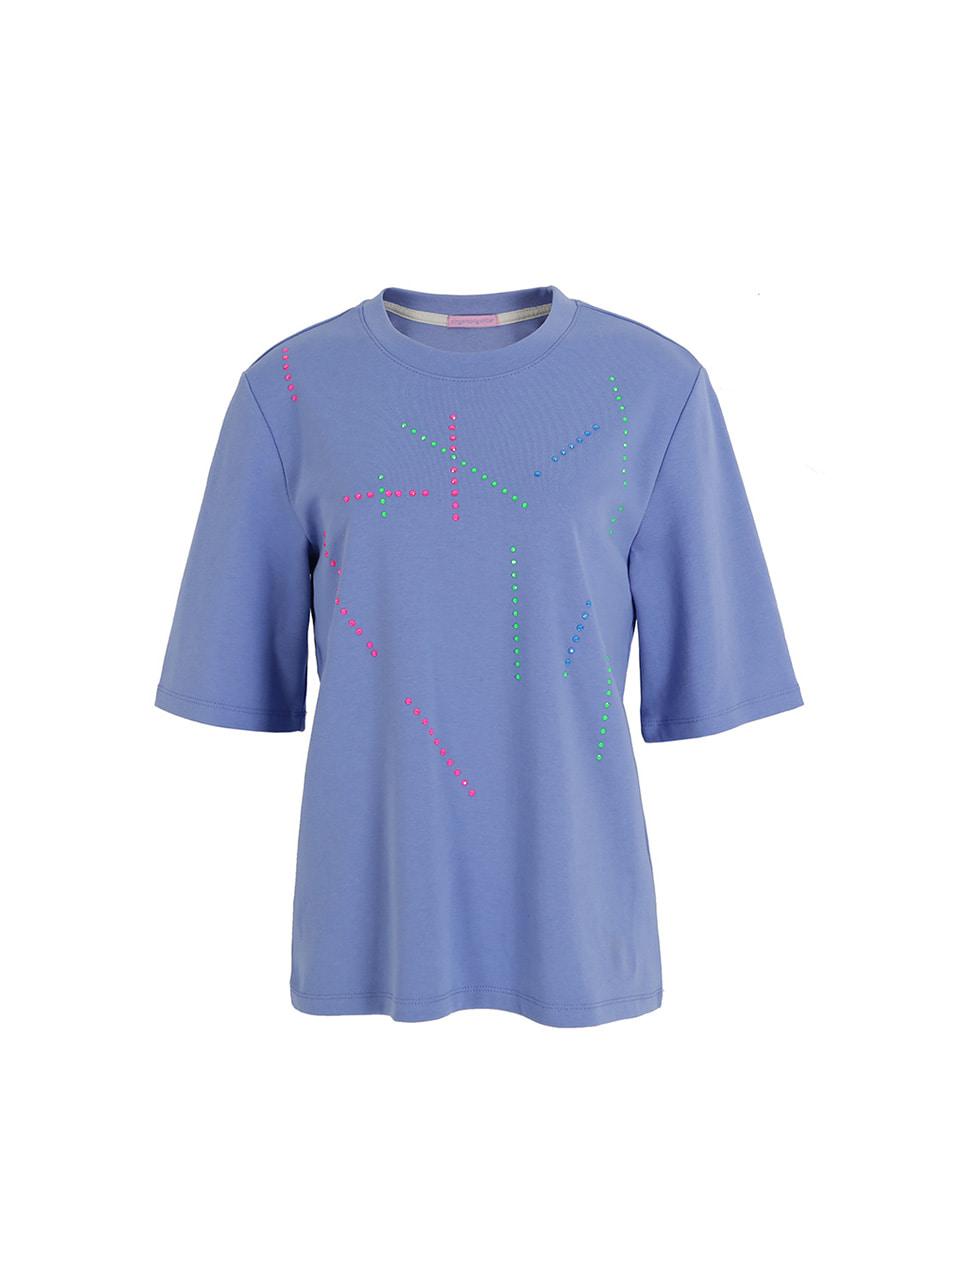 스와로브스키 티셔츠-블루